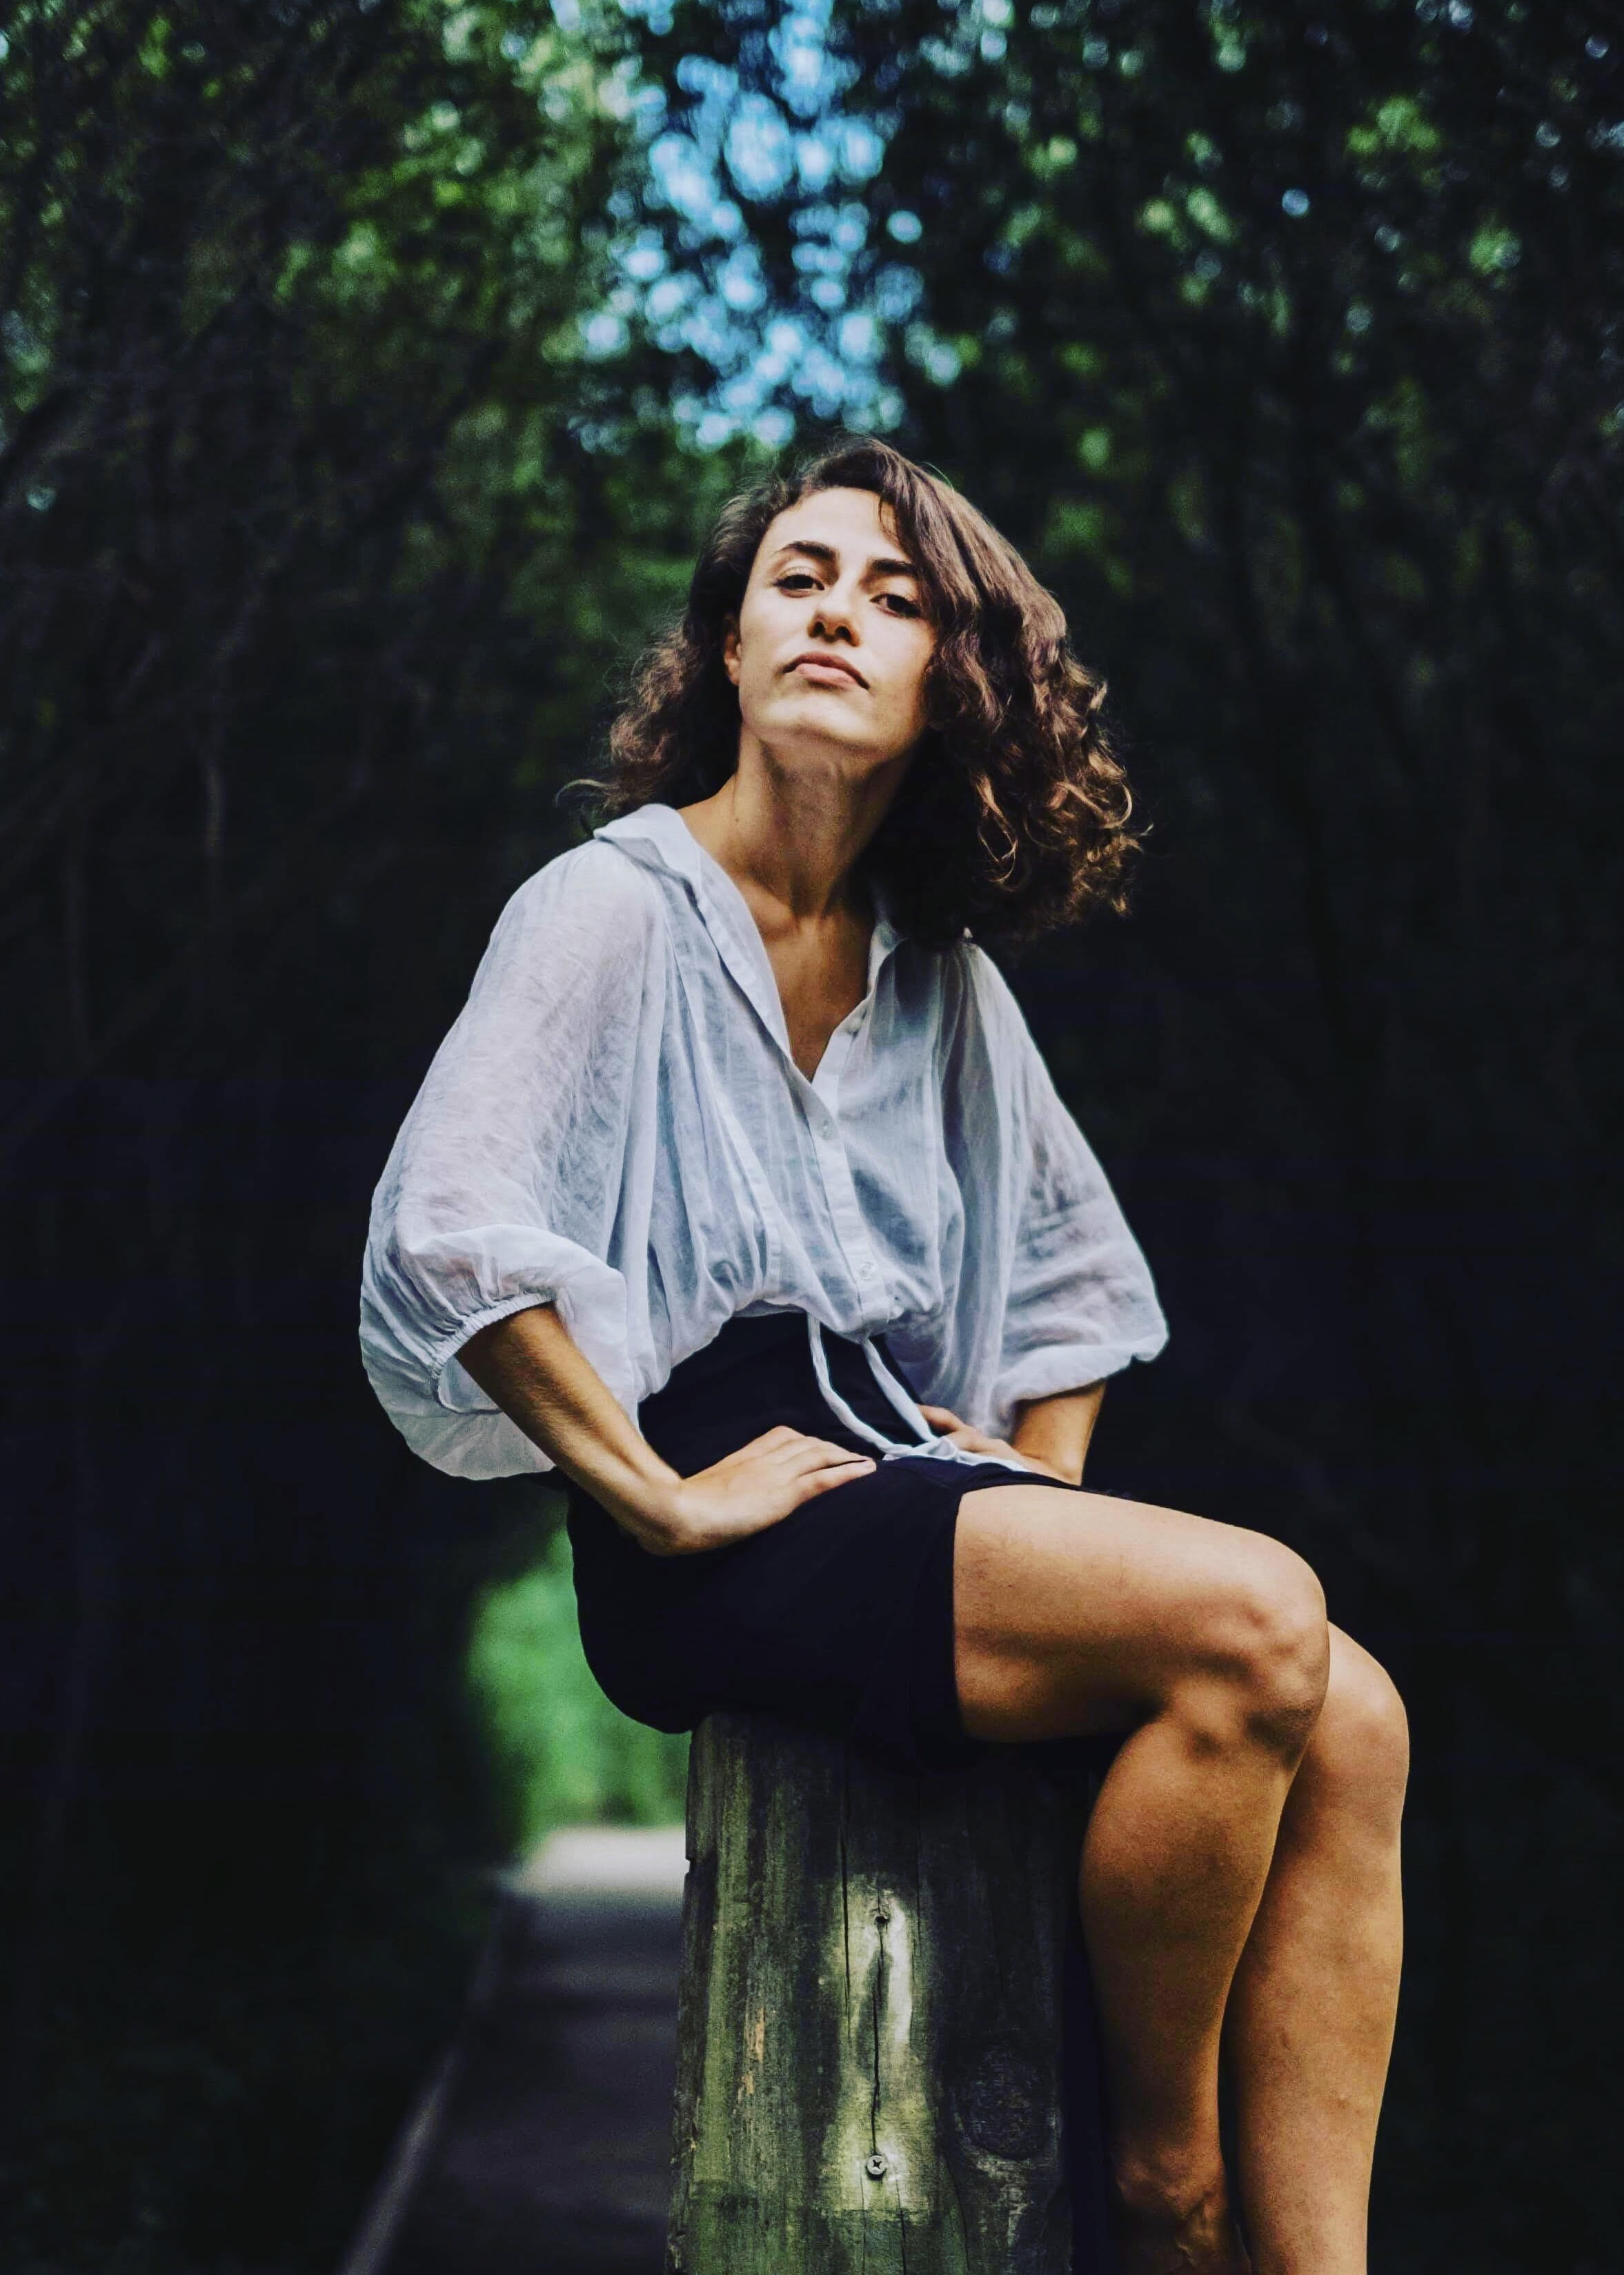 Lucy Yeghiazaryan